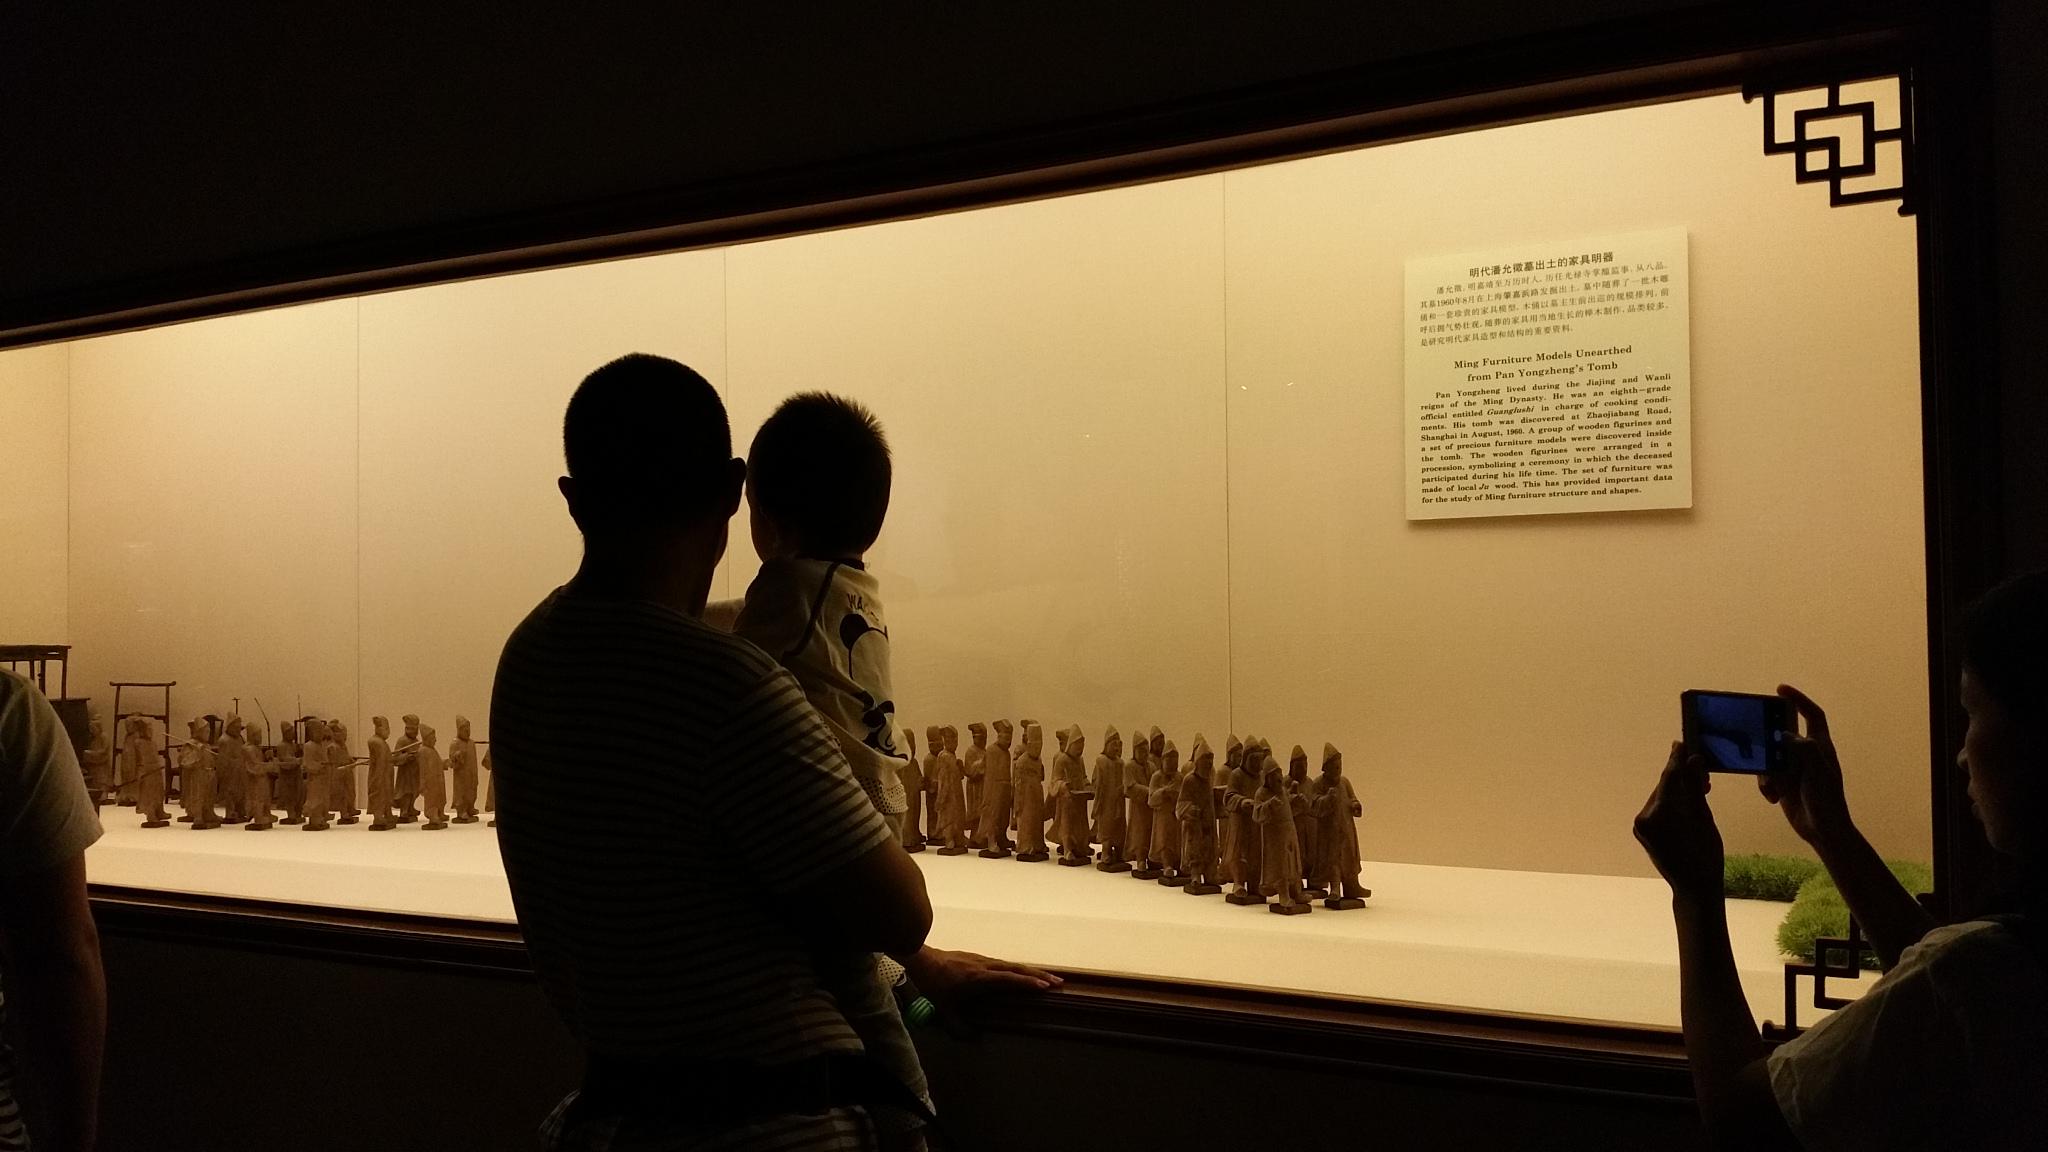 shanghai-museum_estatuetes